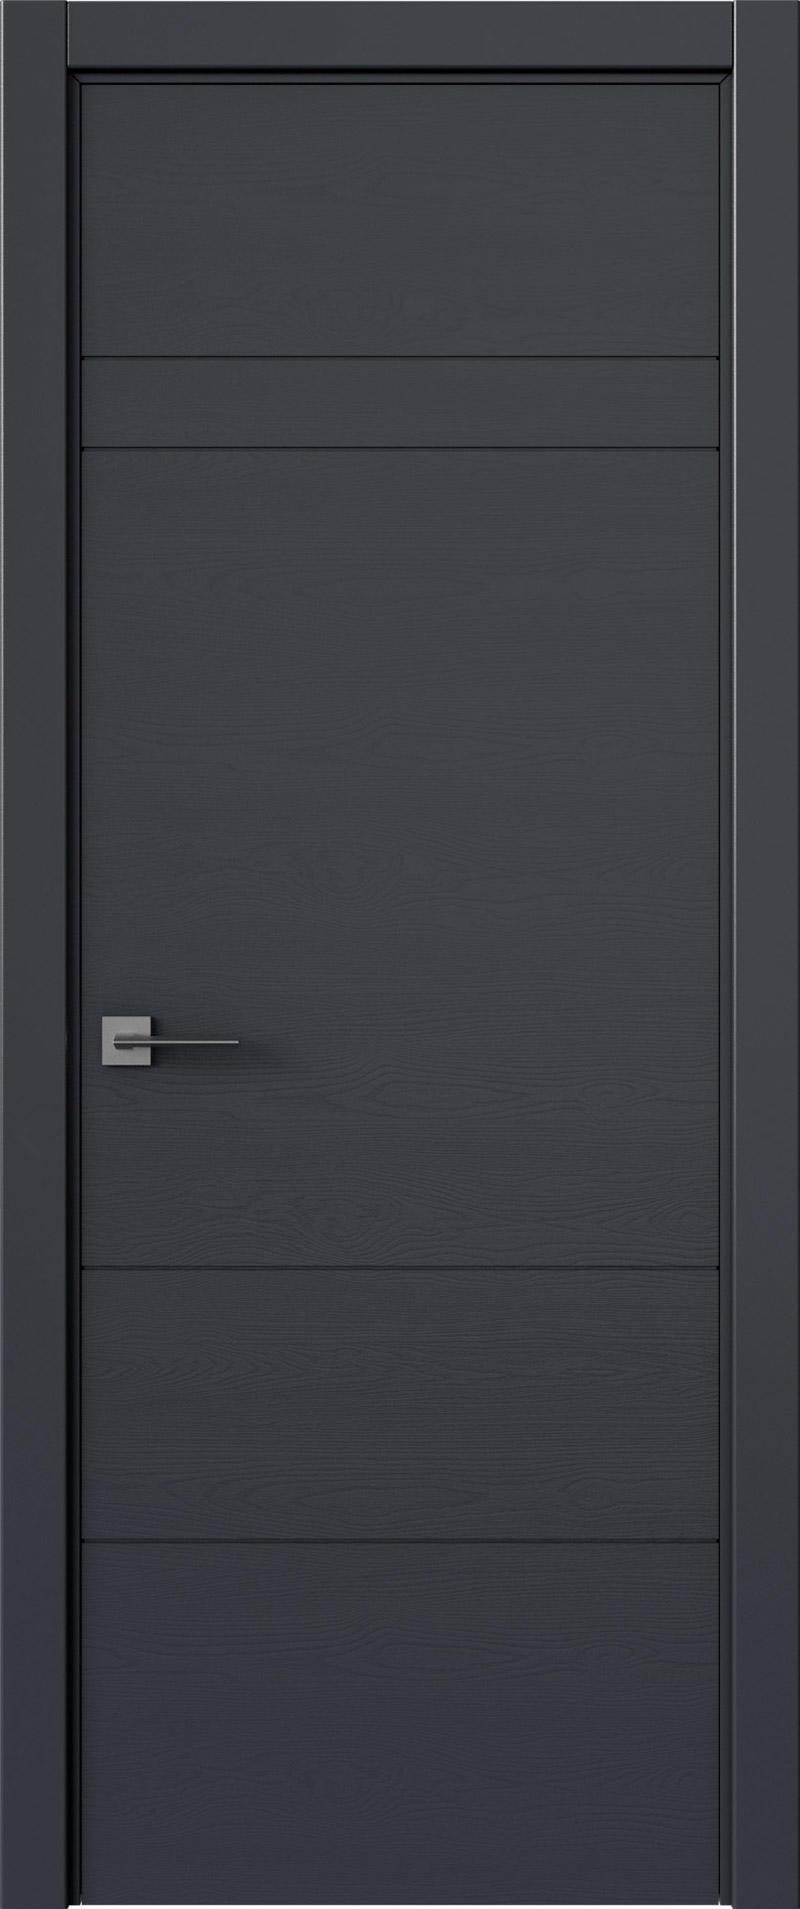 Tivoli К-2 цвет - Графитово-серая эмаль по шпону (RAL 7024) Без стекла (ДГ)